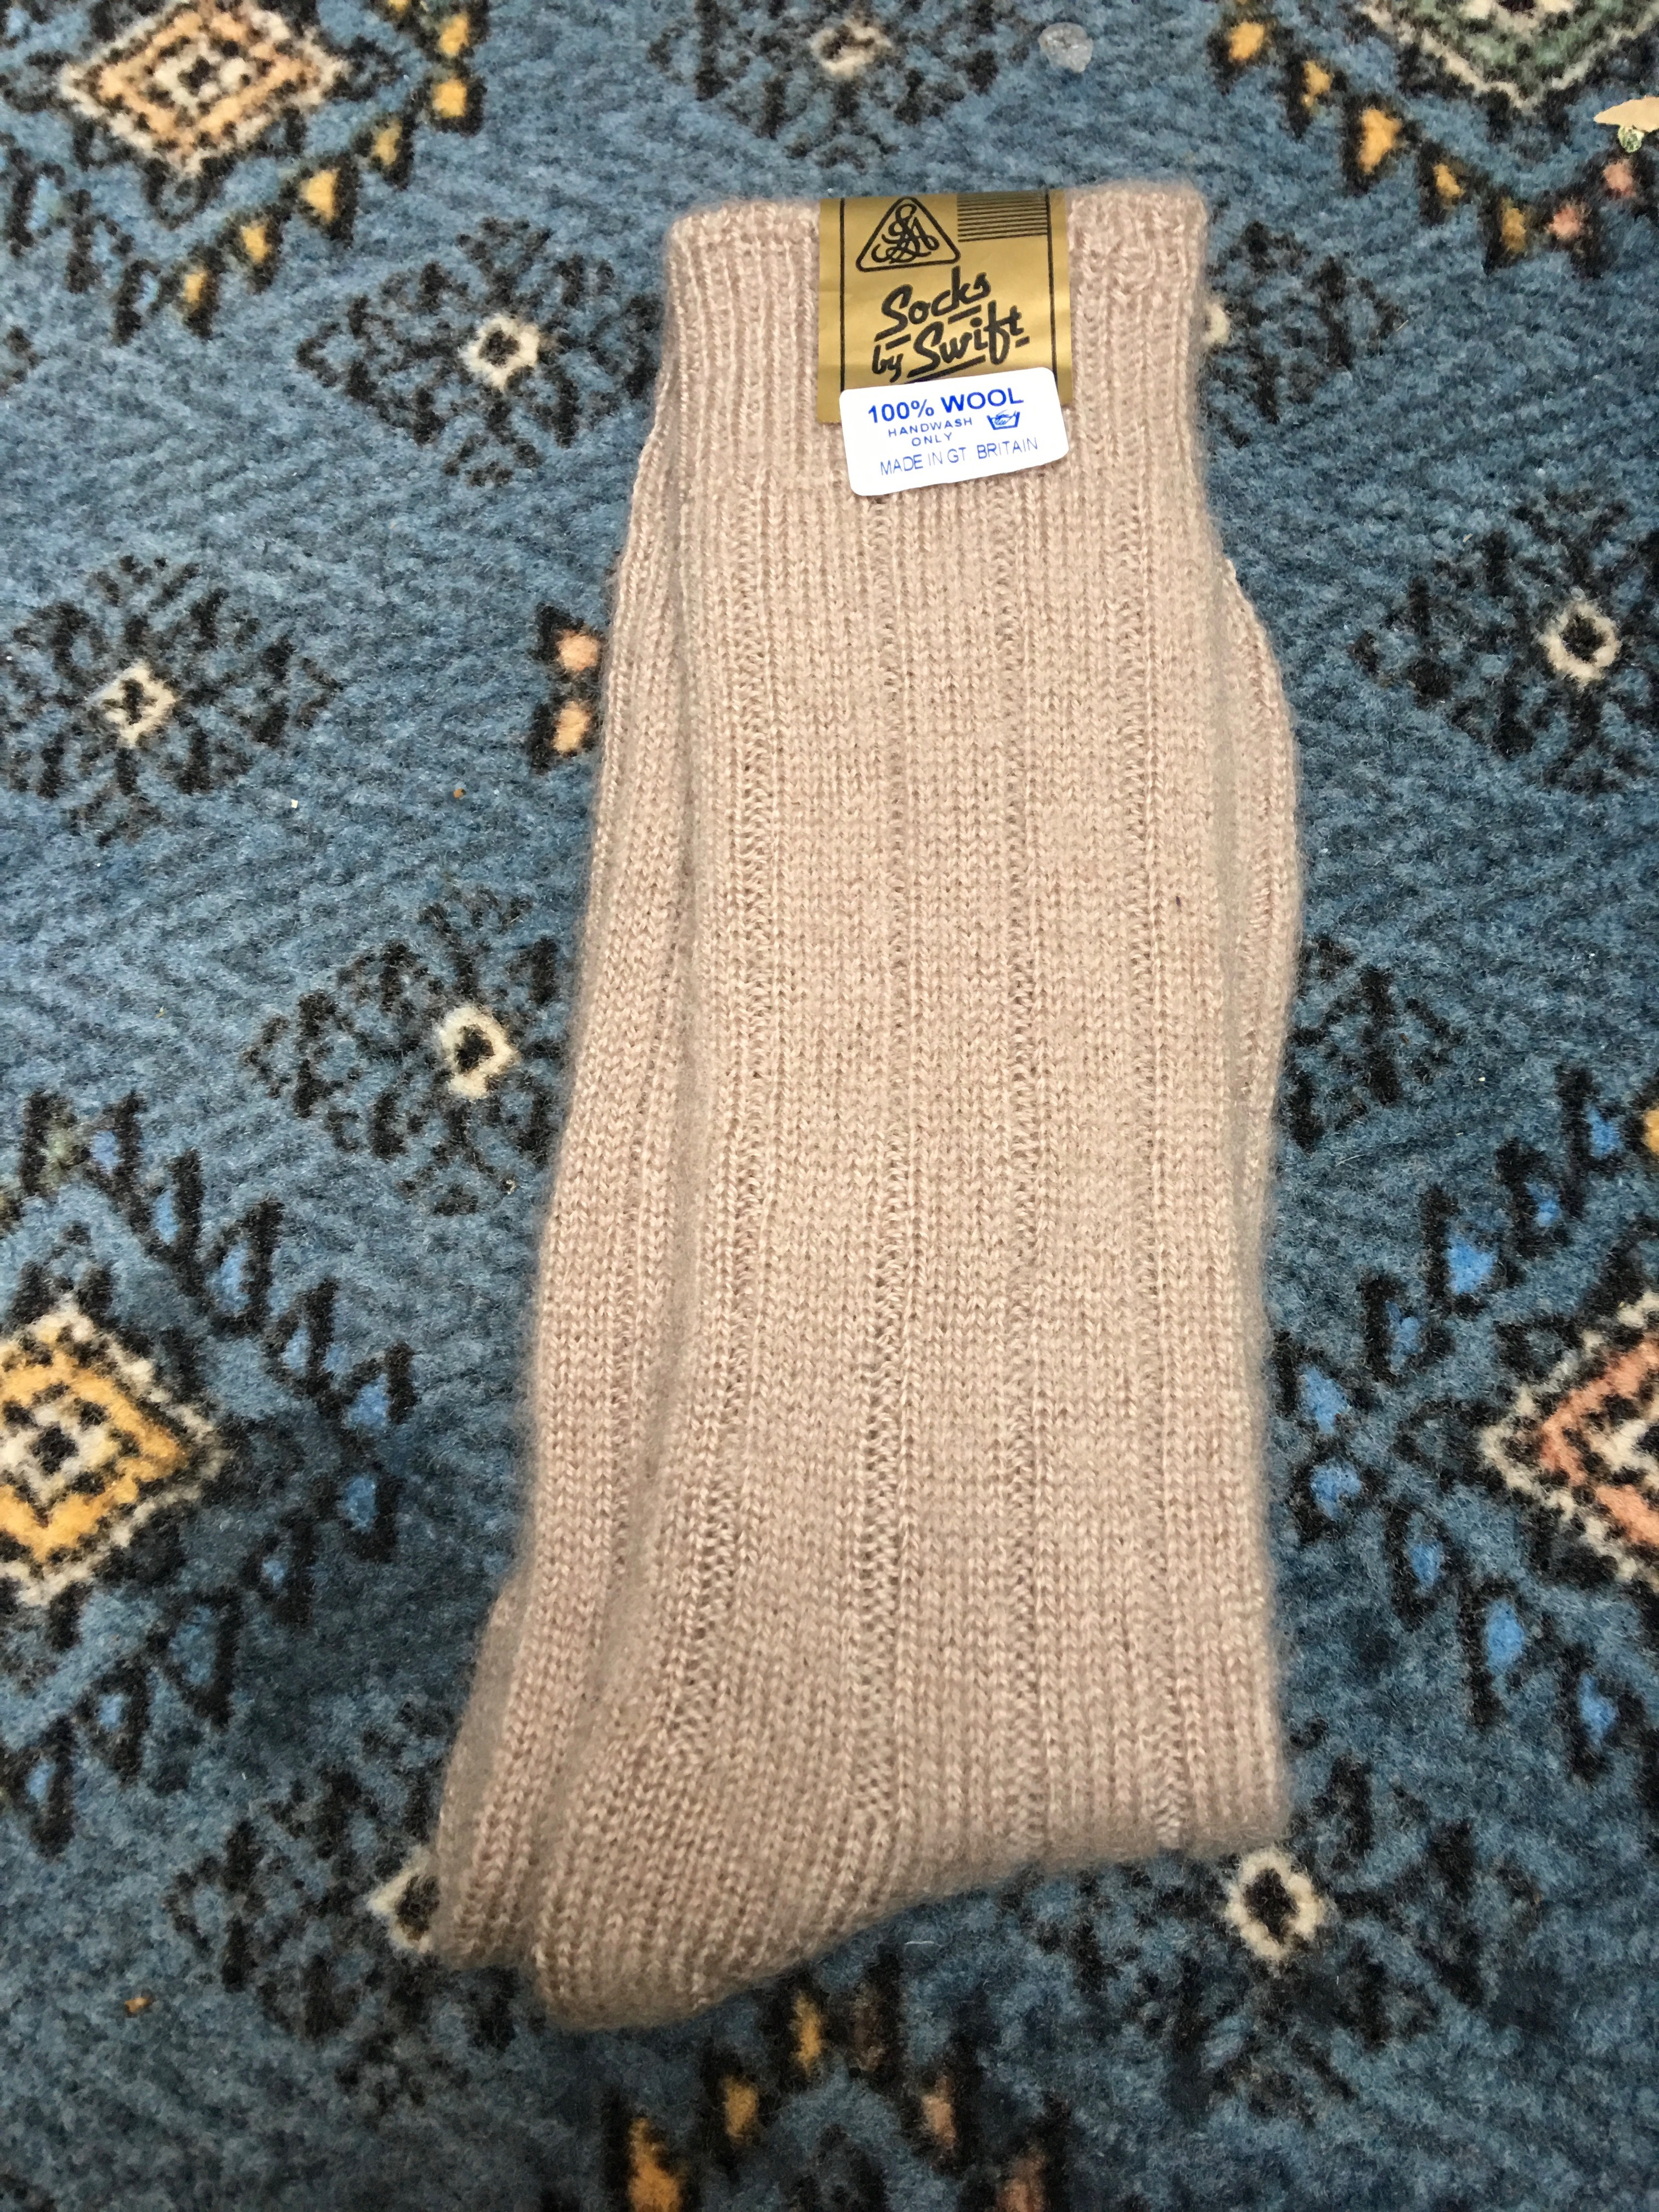 d326e12cbbb4b British Made Socks – UK made socks – Where to buy British made socks ...